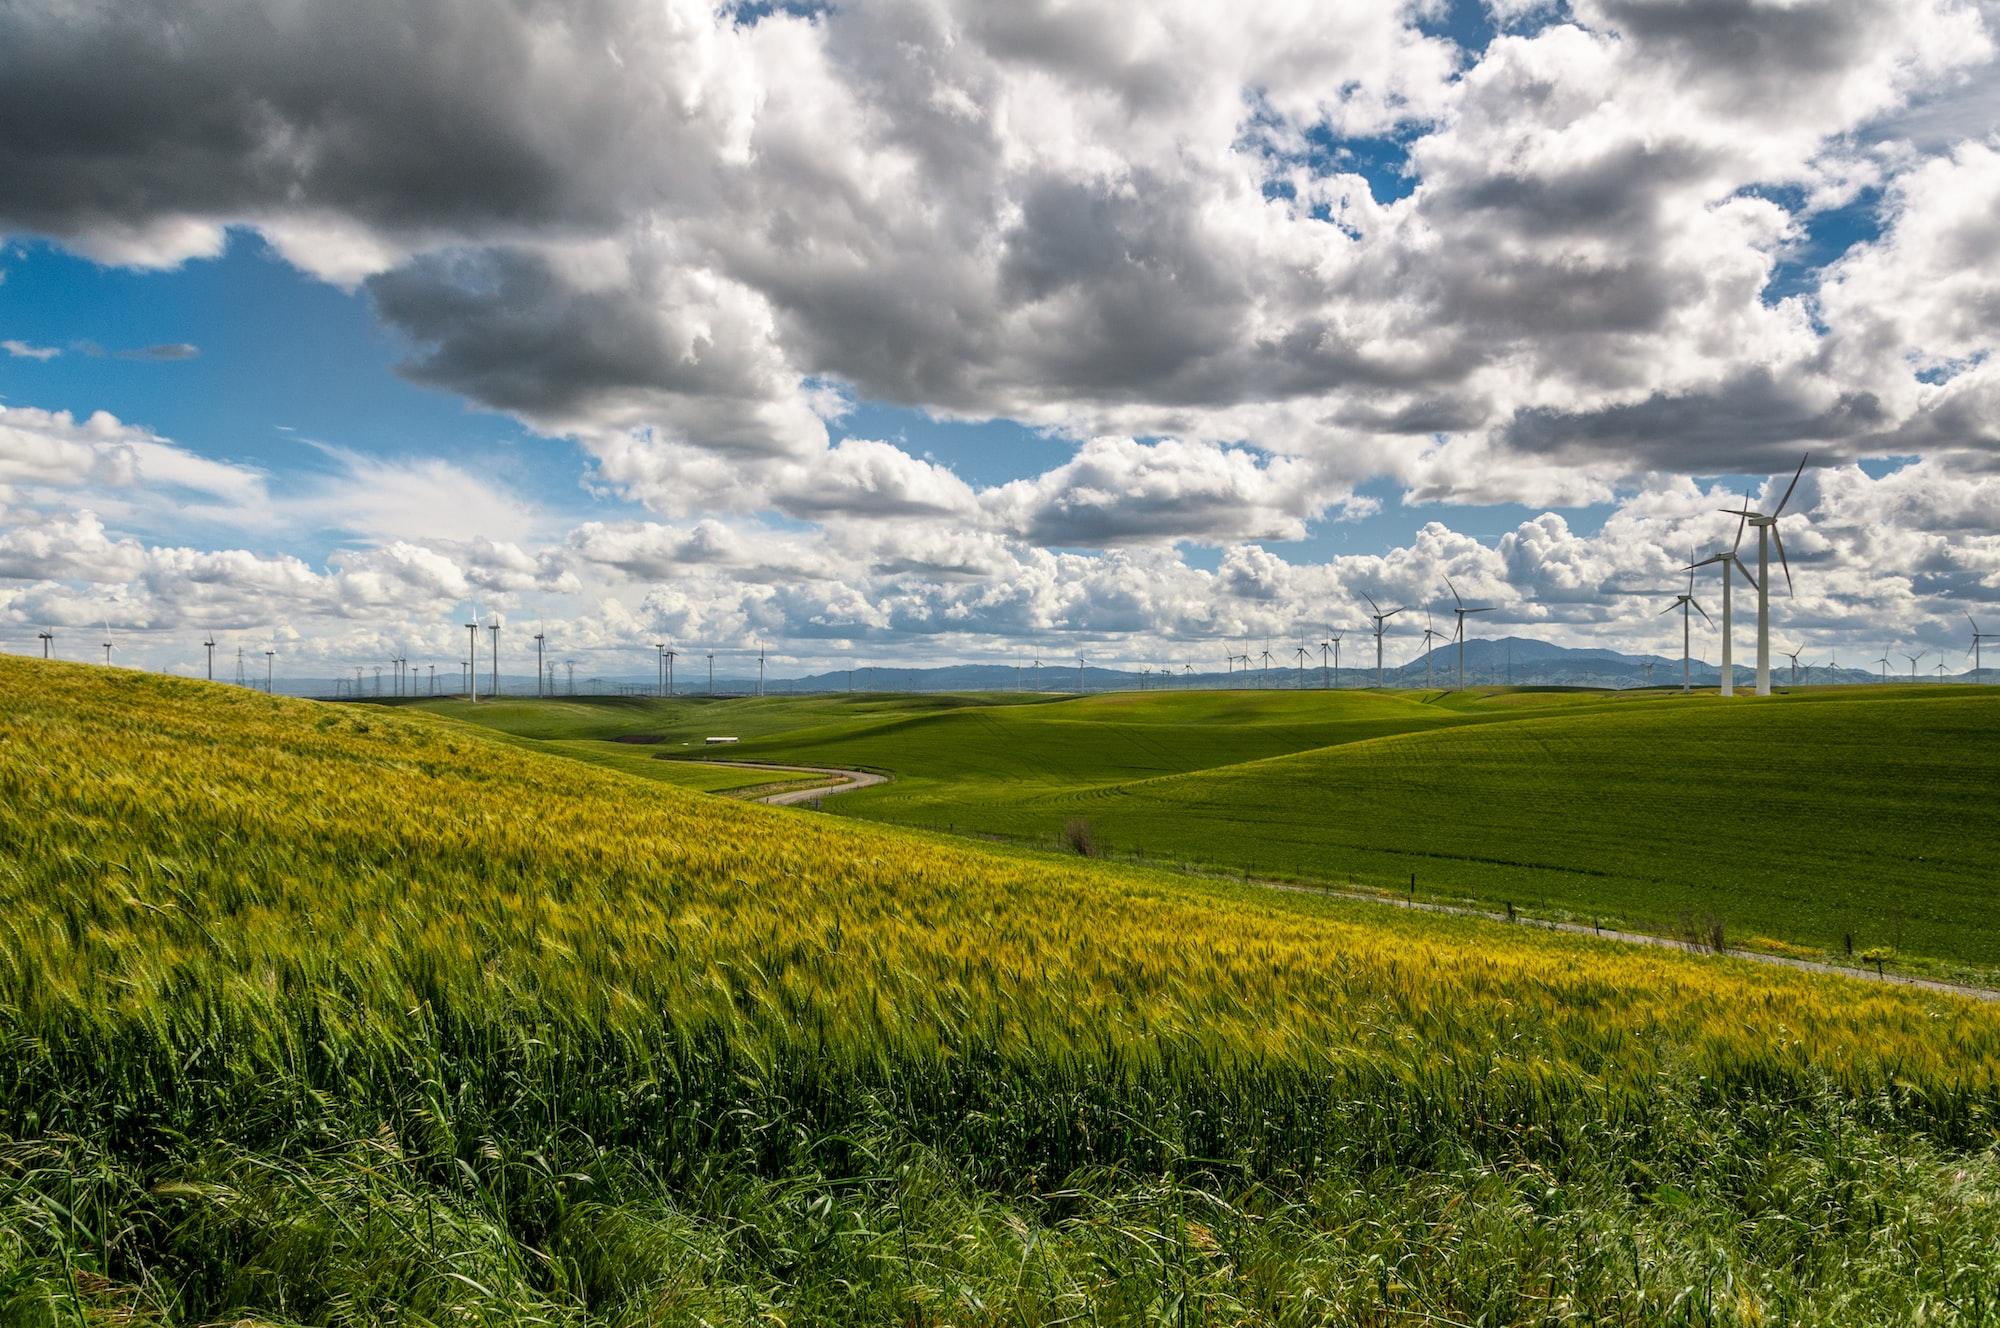 Vědci ze Stanfordu našli odpověď, jak dosáhnout uhlíkové neutrality